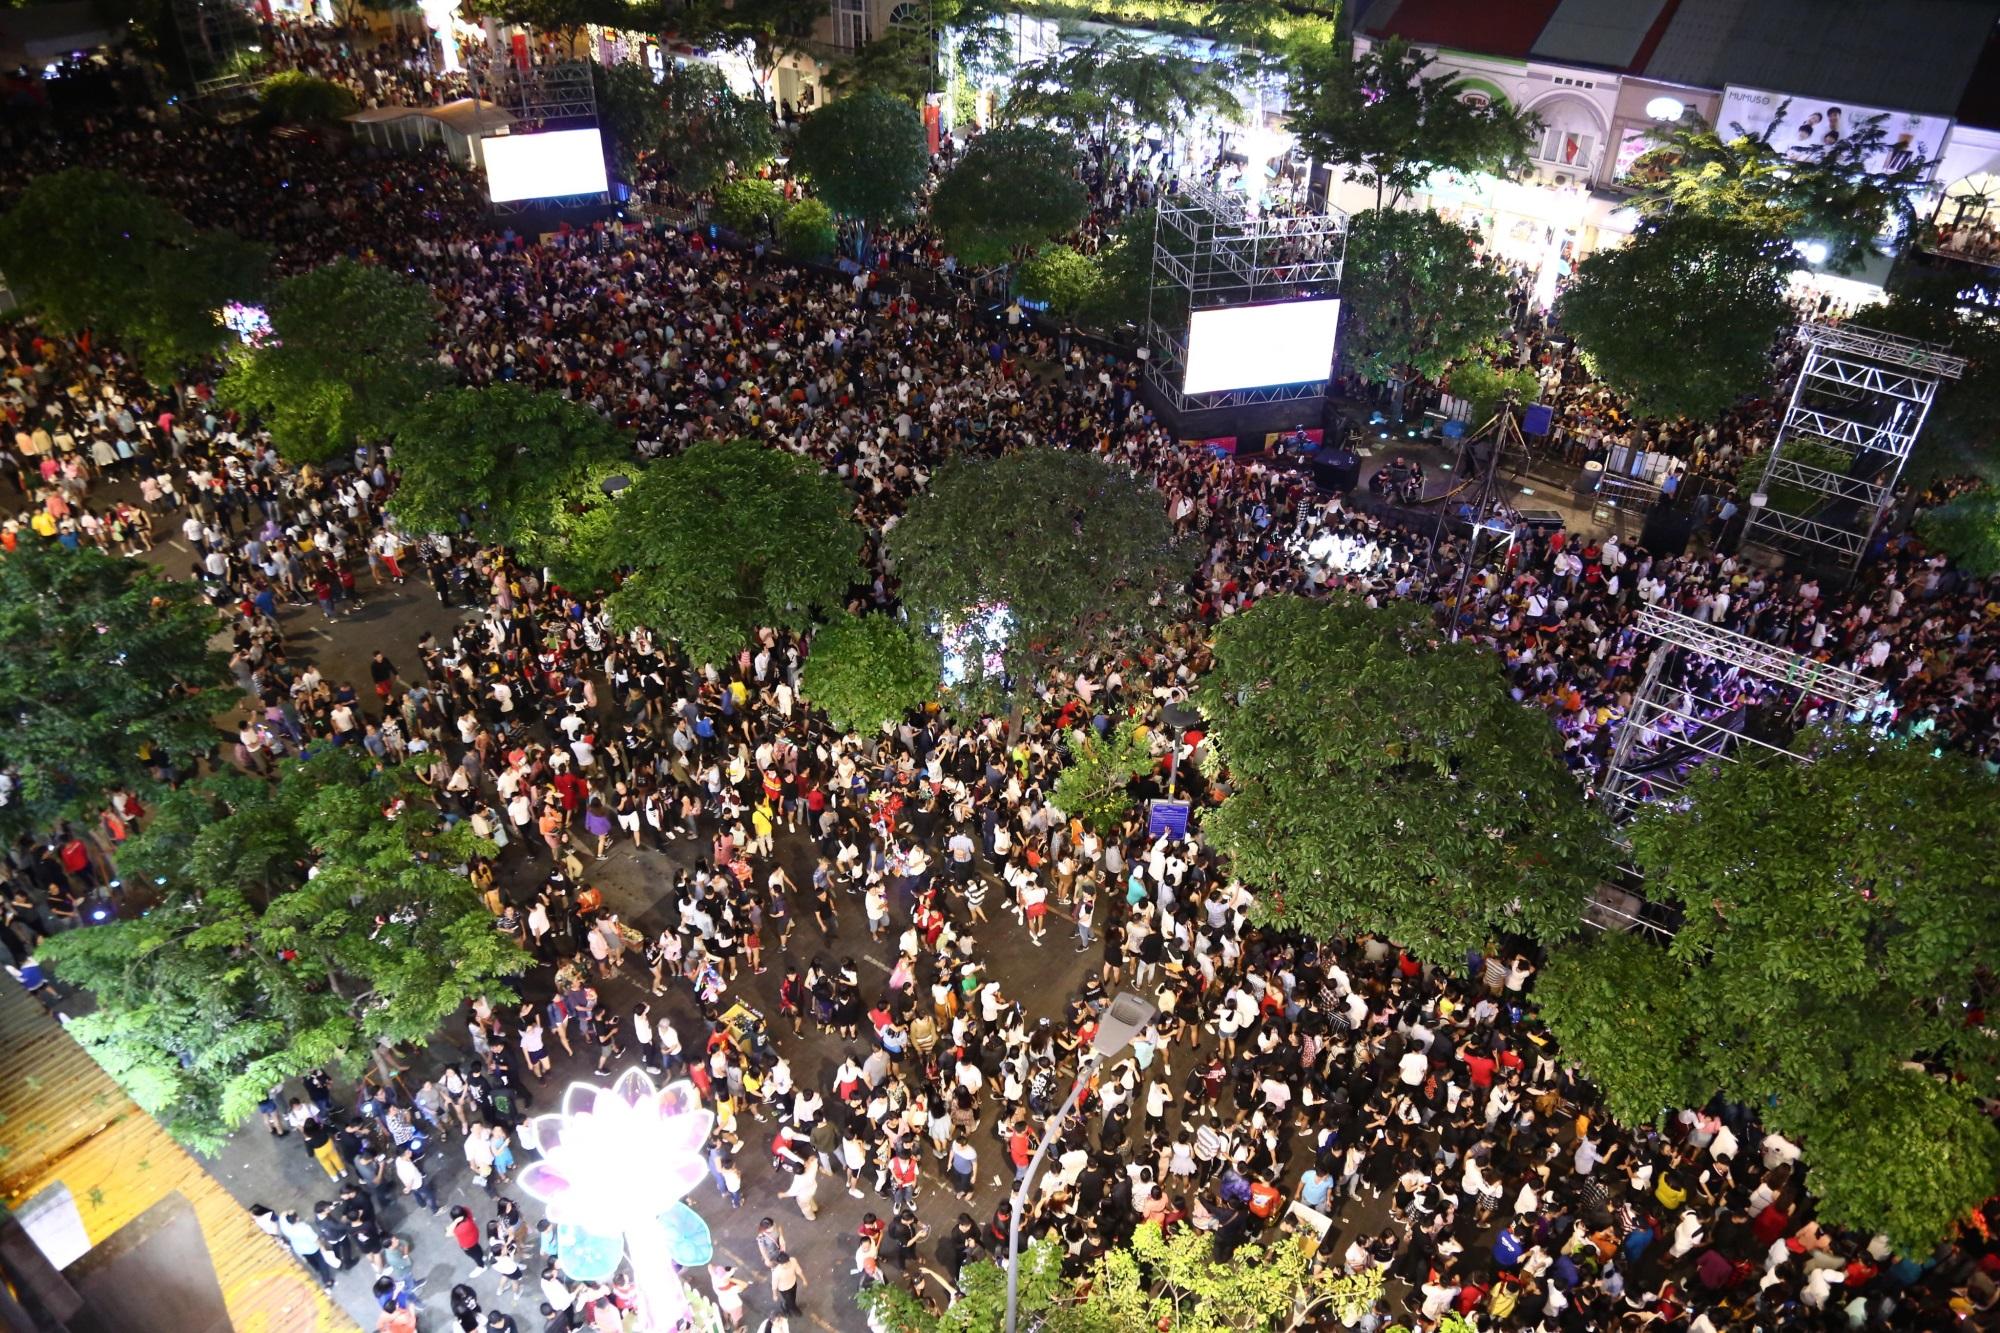 Hàng triệu người dân Sài Gòn xuống phố đón màn pháo hoa rực rỡ mừng năm mới 2019 - Ảnh 26